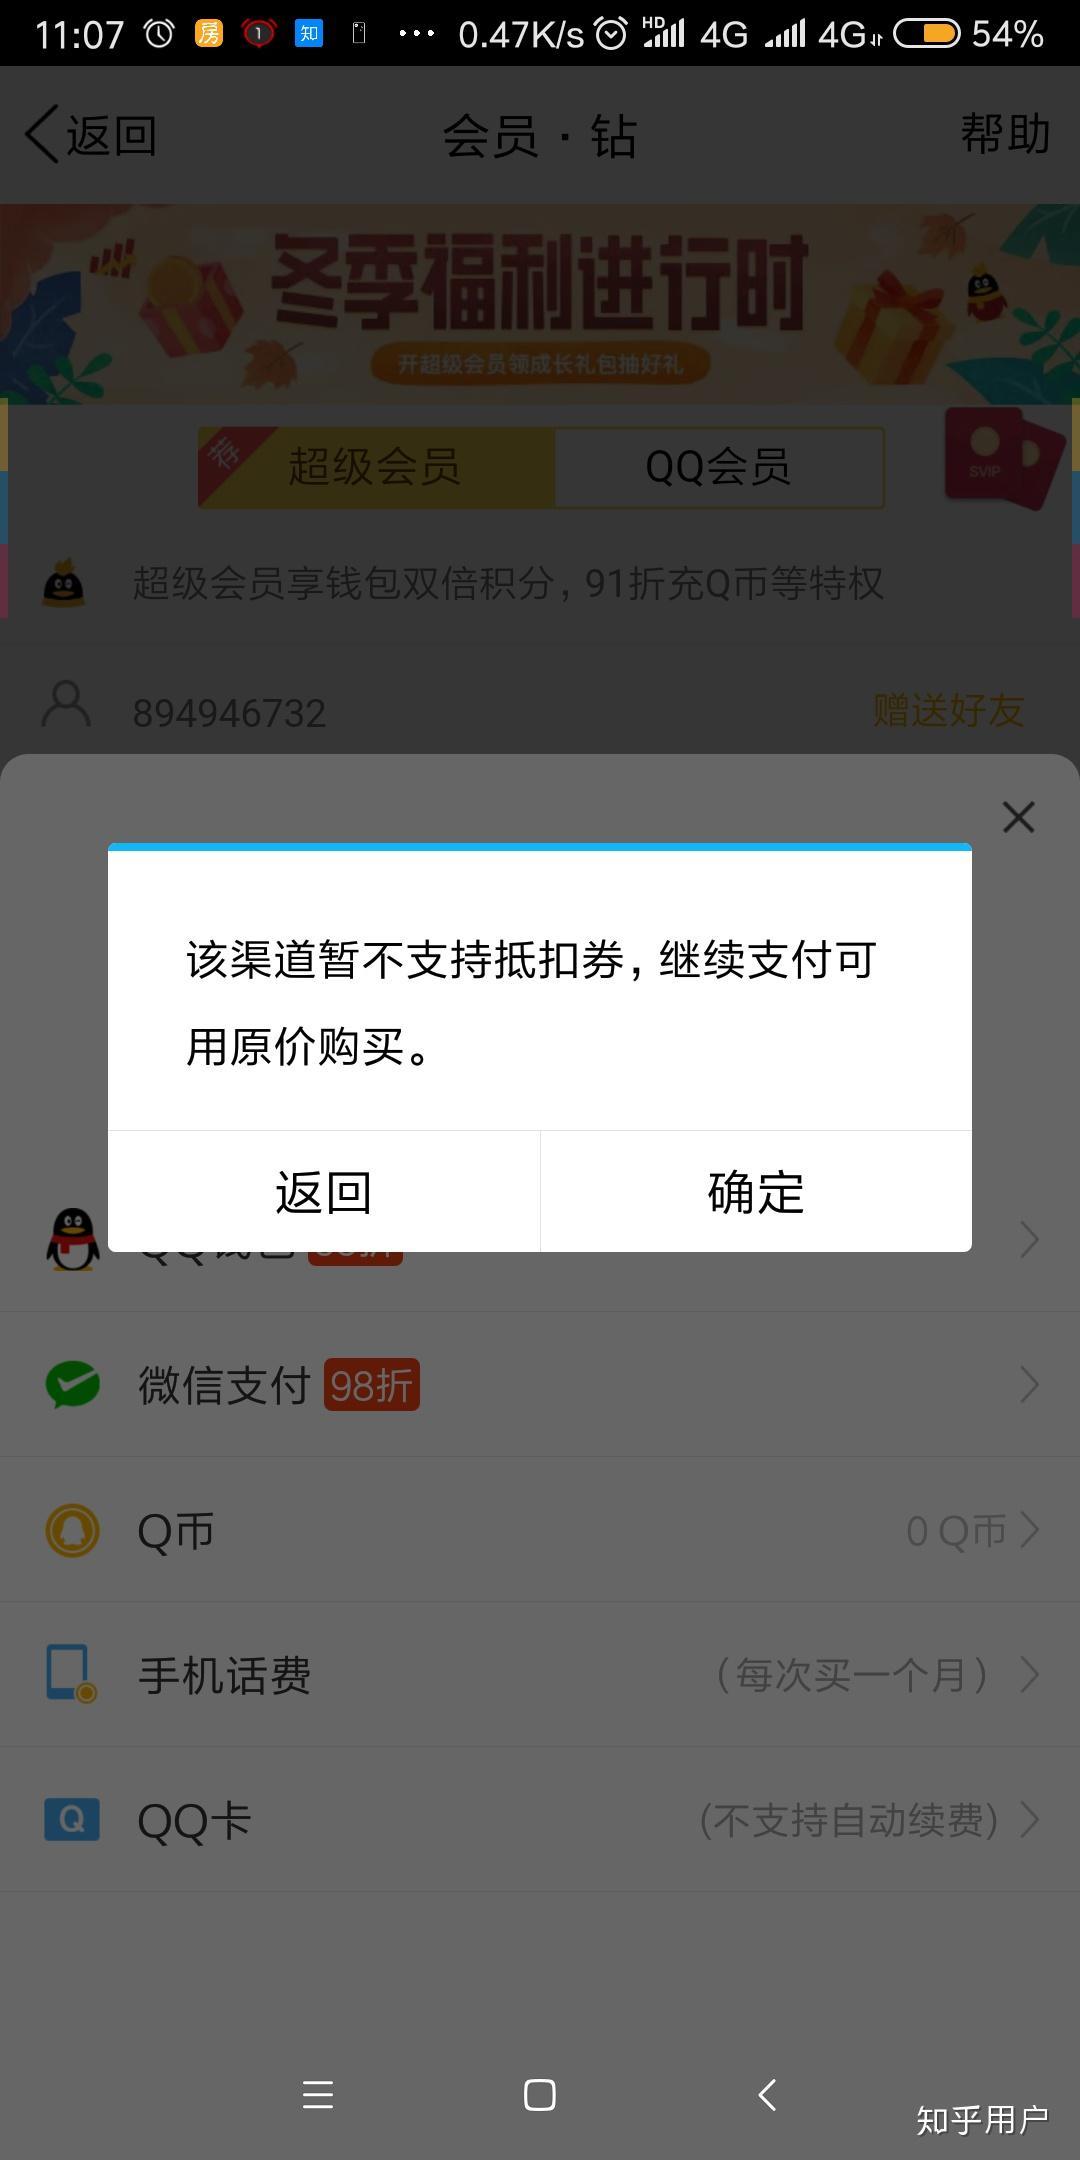 手机充值卡能充q币_移动卡话费如何充Q币? - 知乎